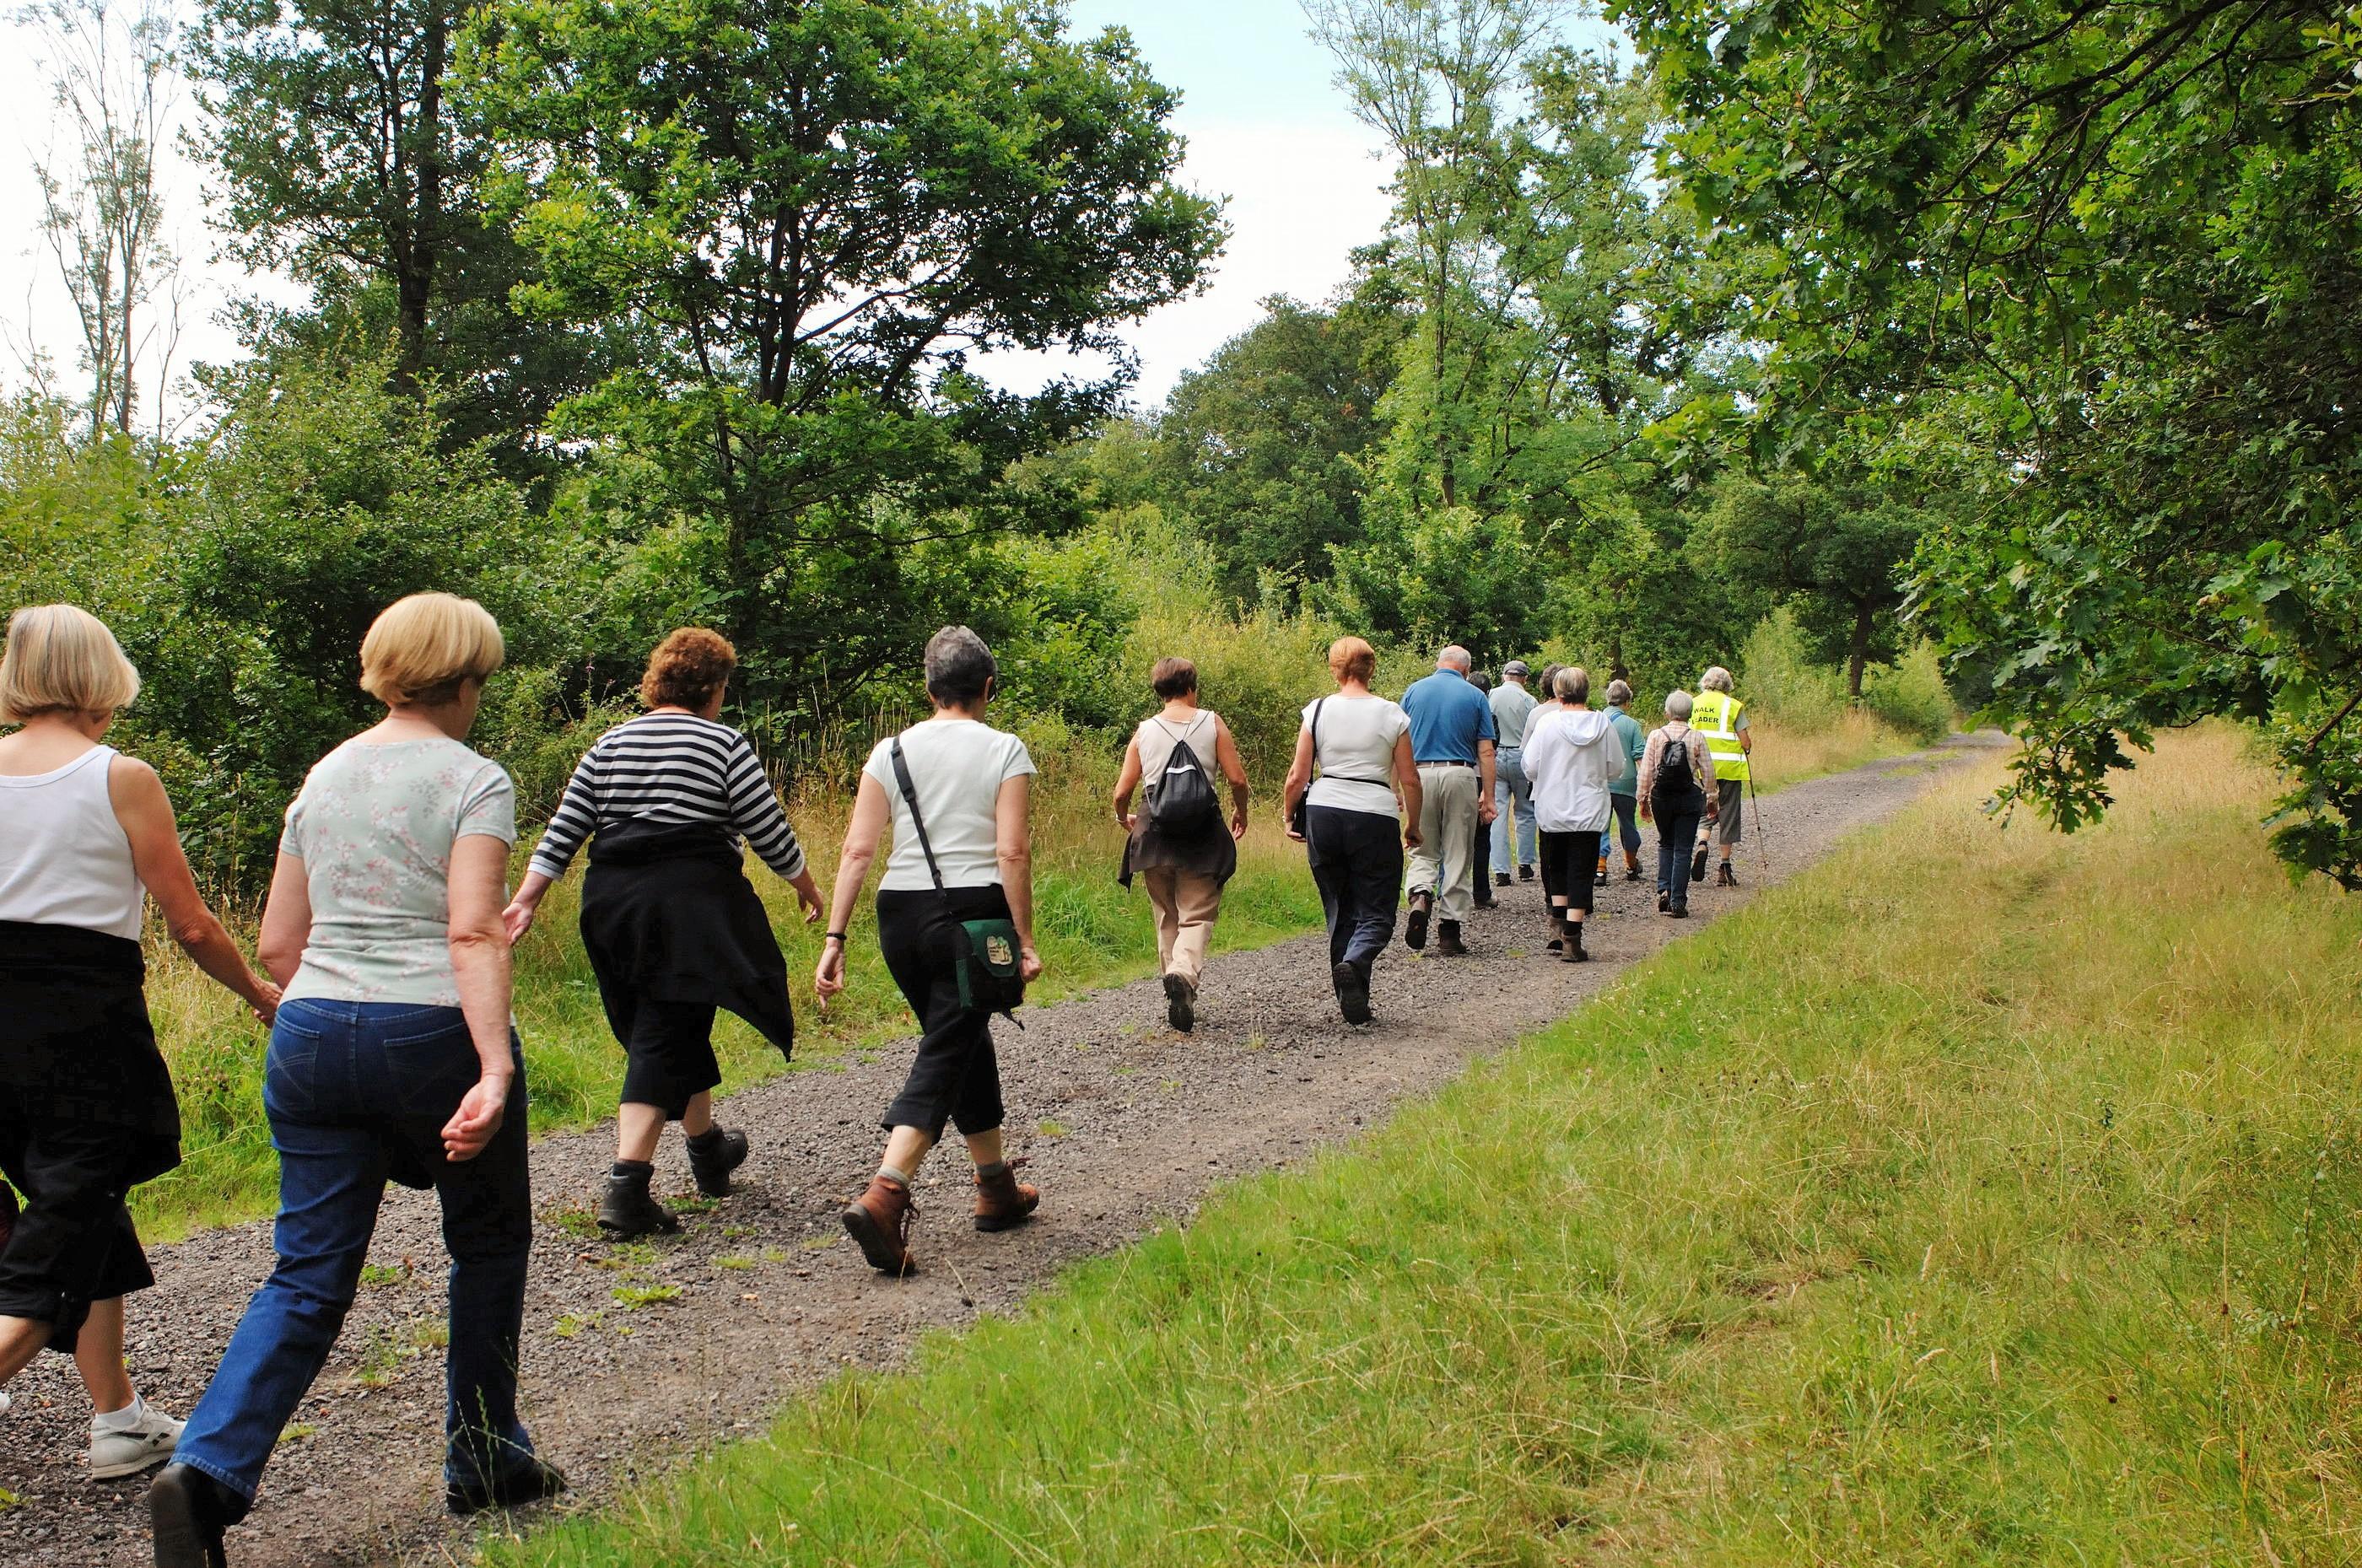 La marche rapide peut augmenter votre espérance de vie